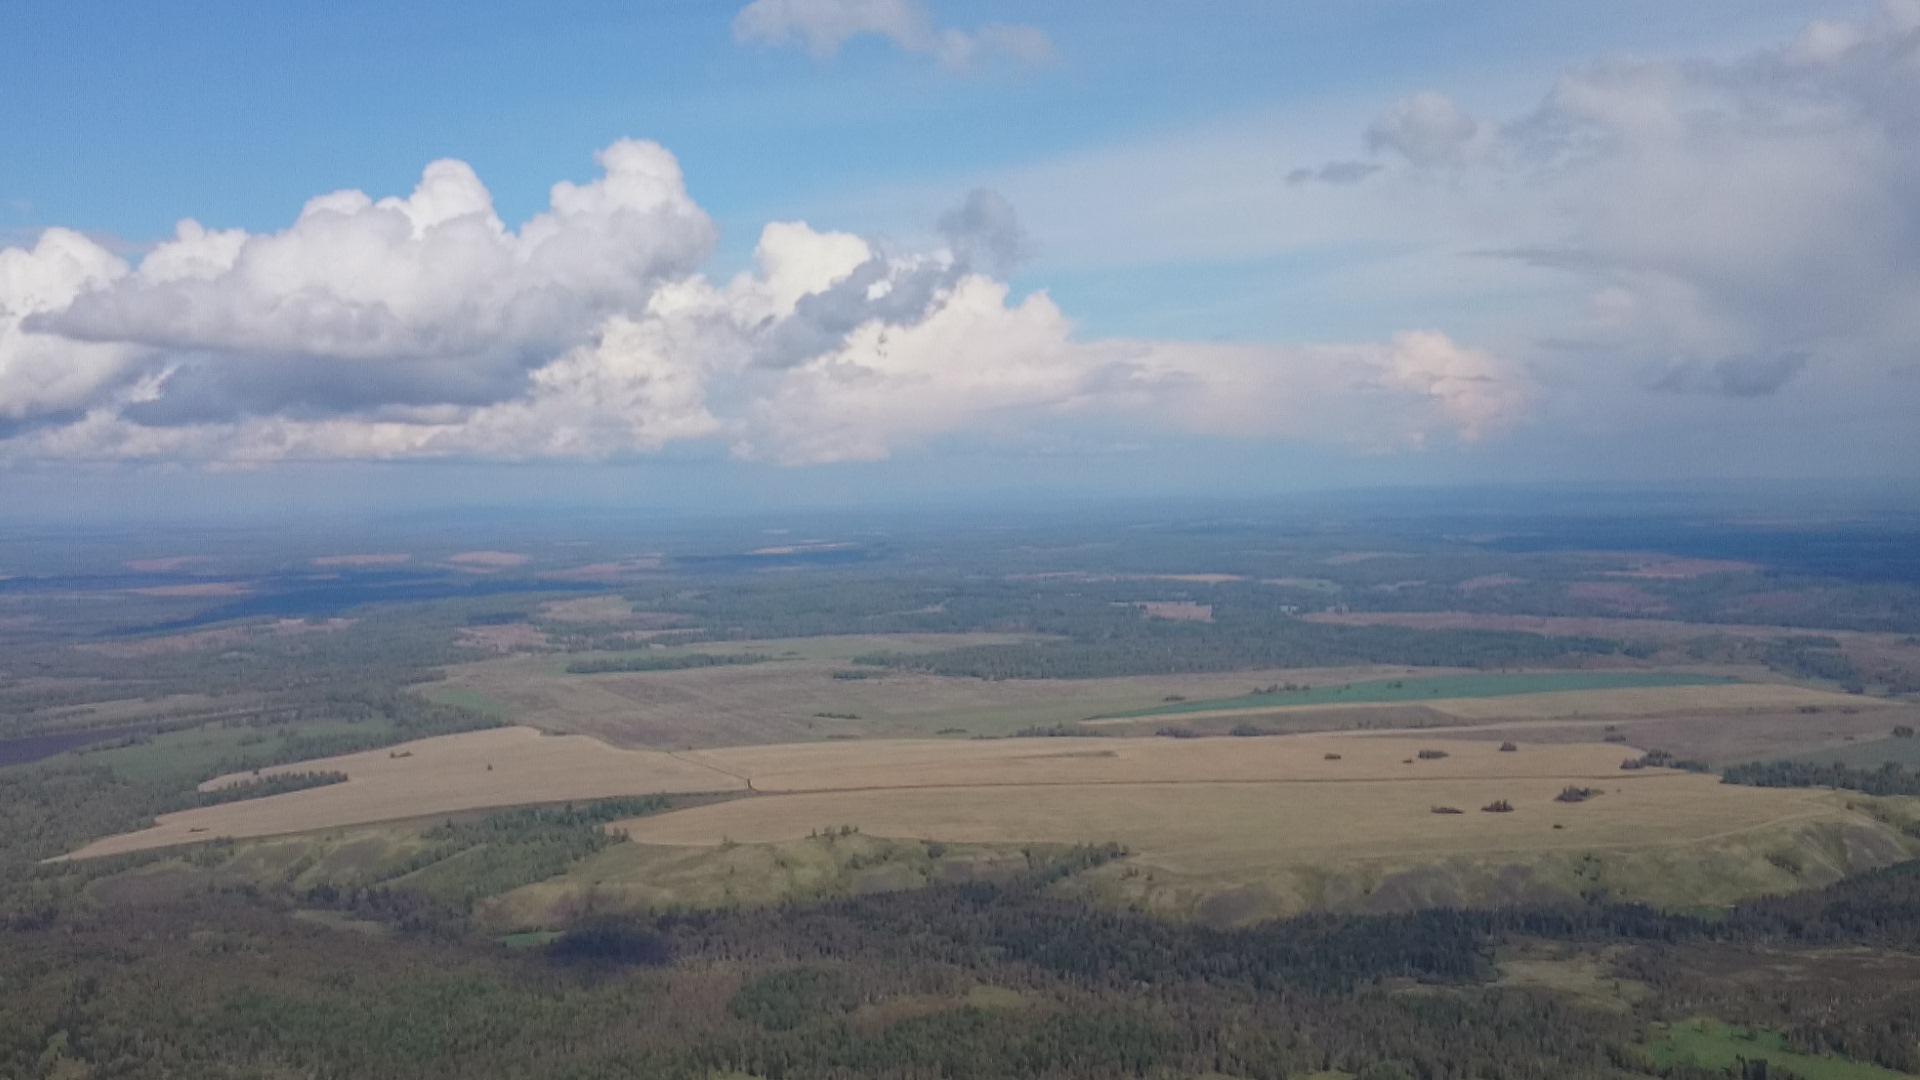 Красноярск Аэродром ДОСААФ Манский Панорама снятая при приземлении на парашюте Лесник. 6.09.2015 года